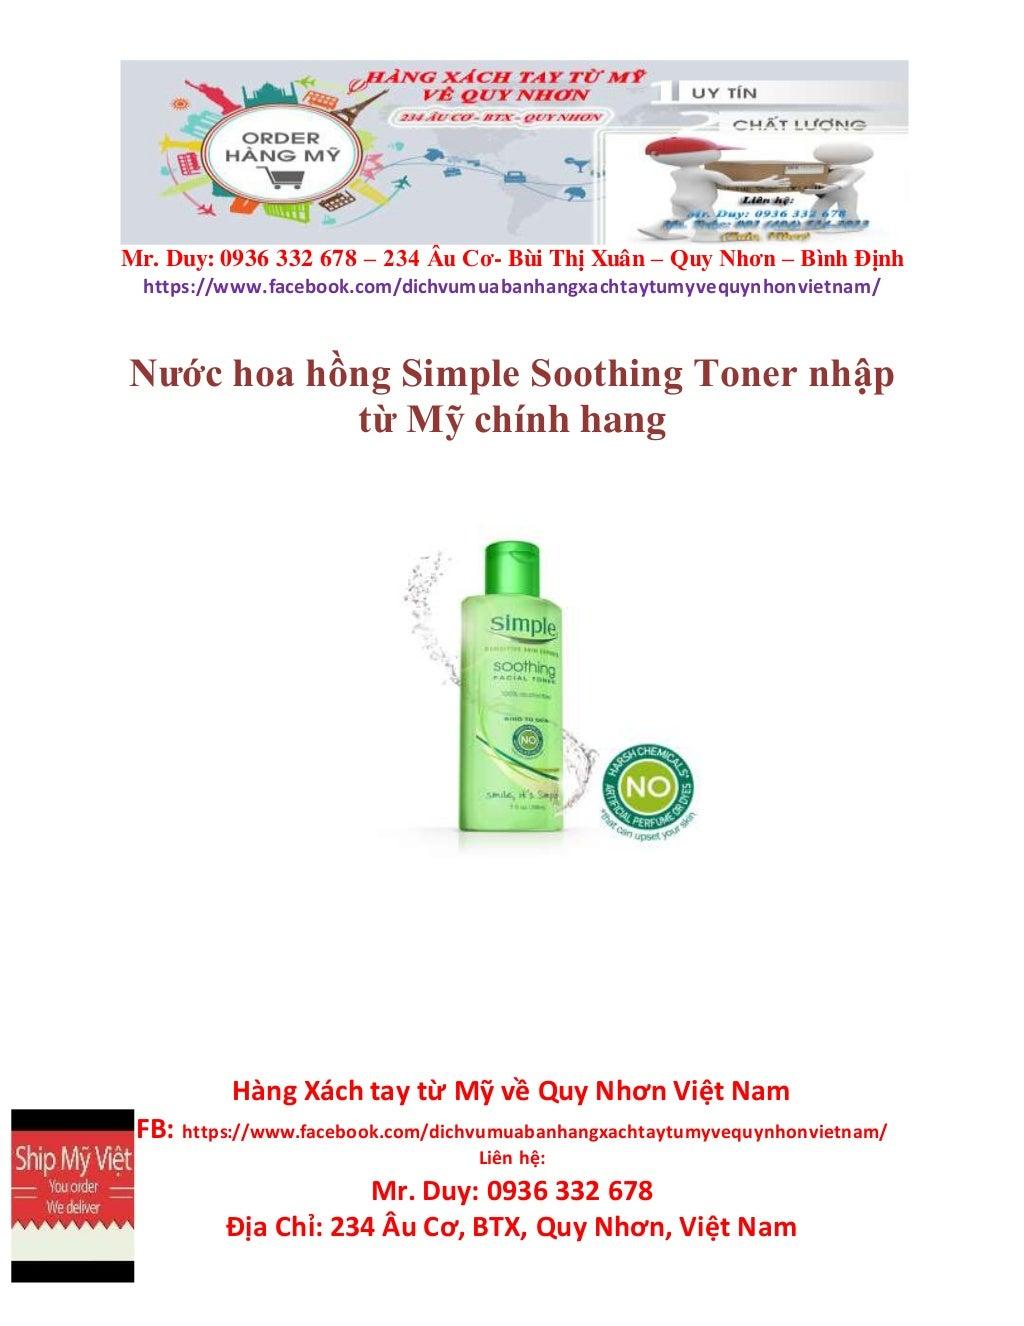 Trang web mua mỹ phẩm xách tay ở Quy Nhơn giá rẻ nhất - Magazine cover